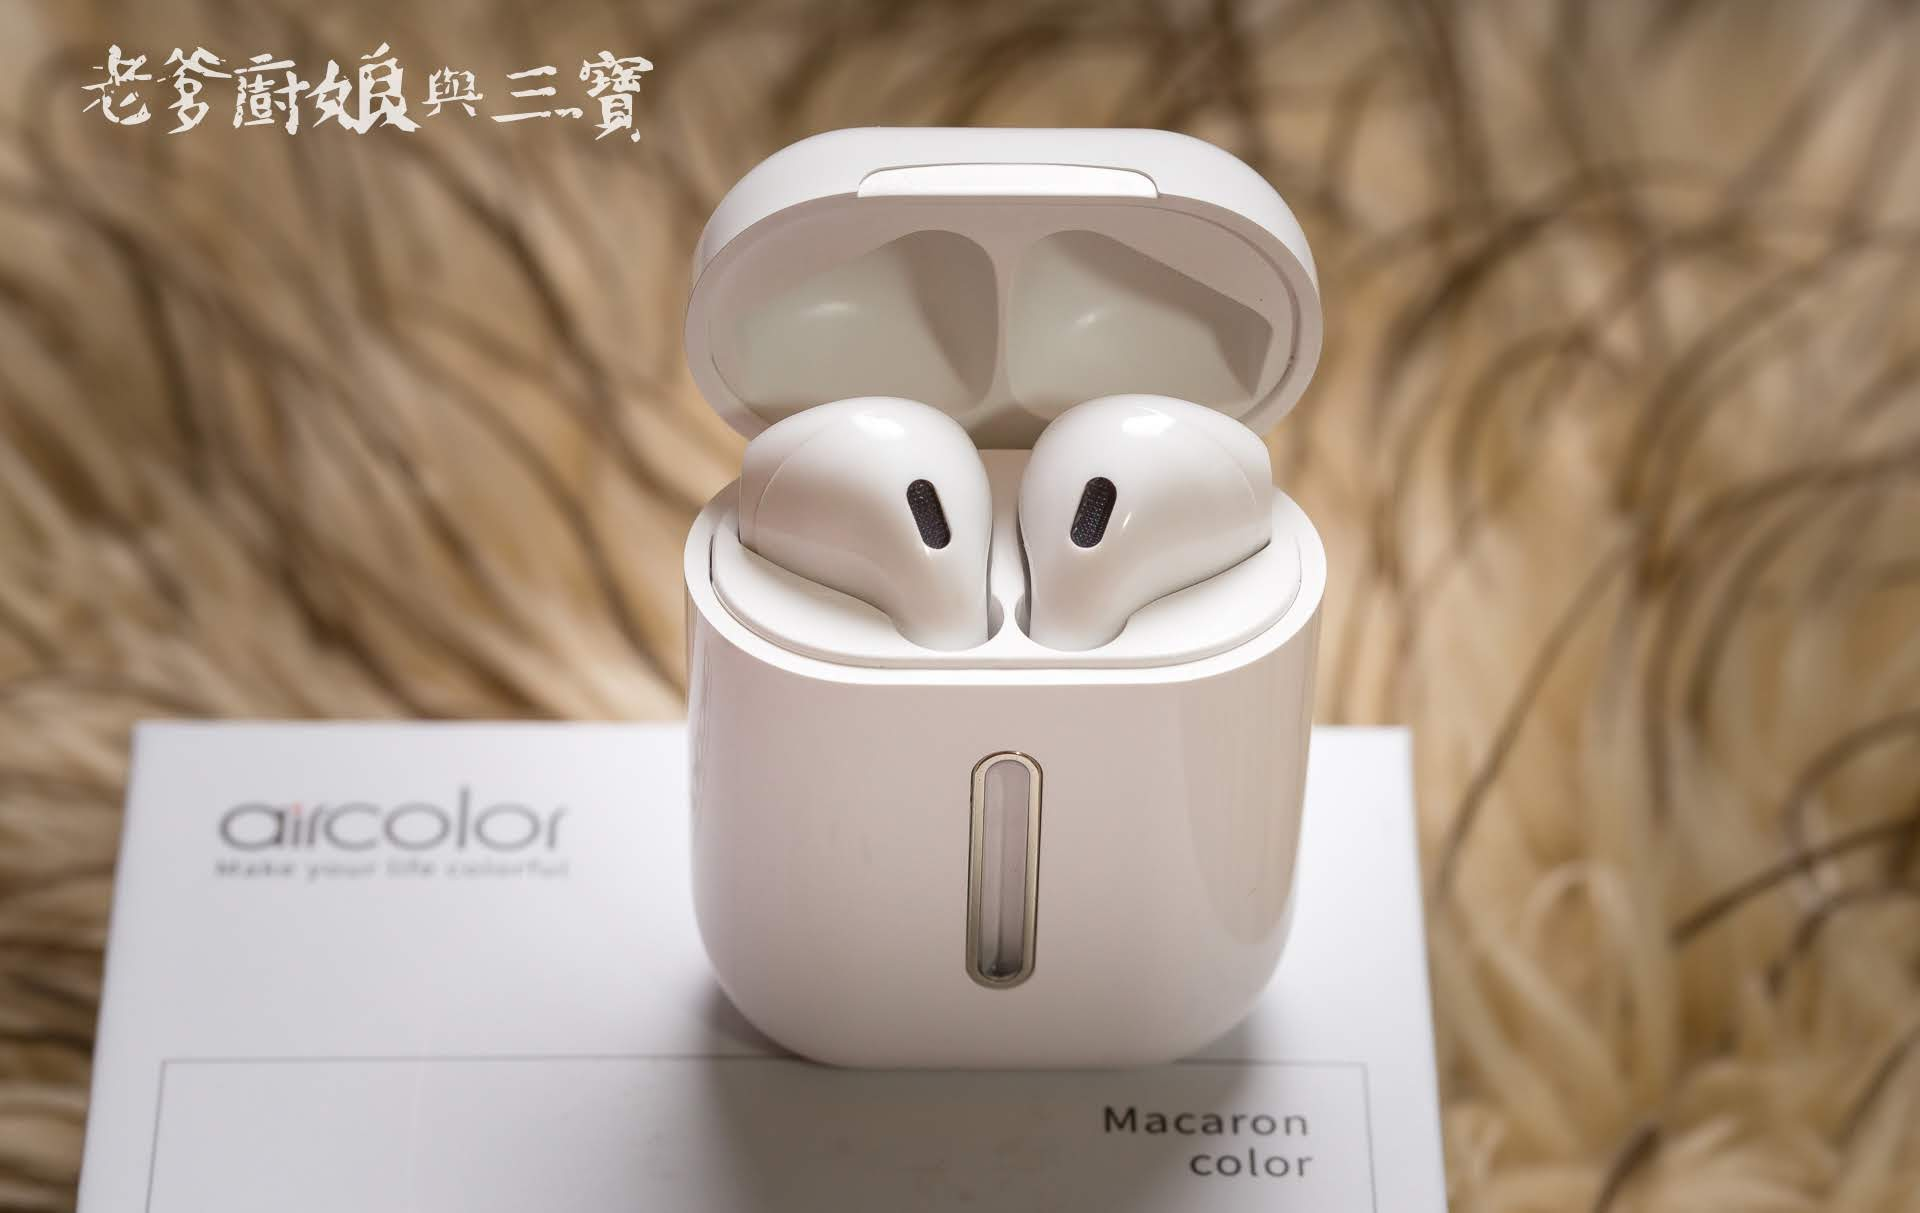 音樂也能這樣容易,簡單卻又不簡單...aircolor TWS真無線藍牙耳機